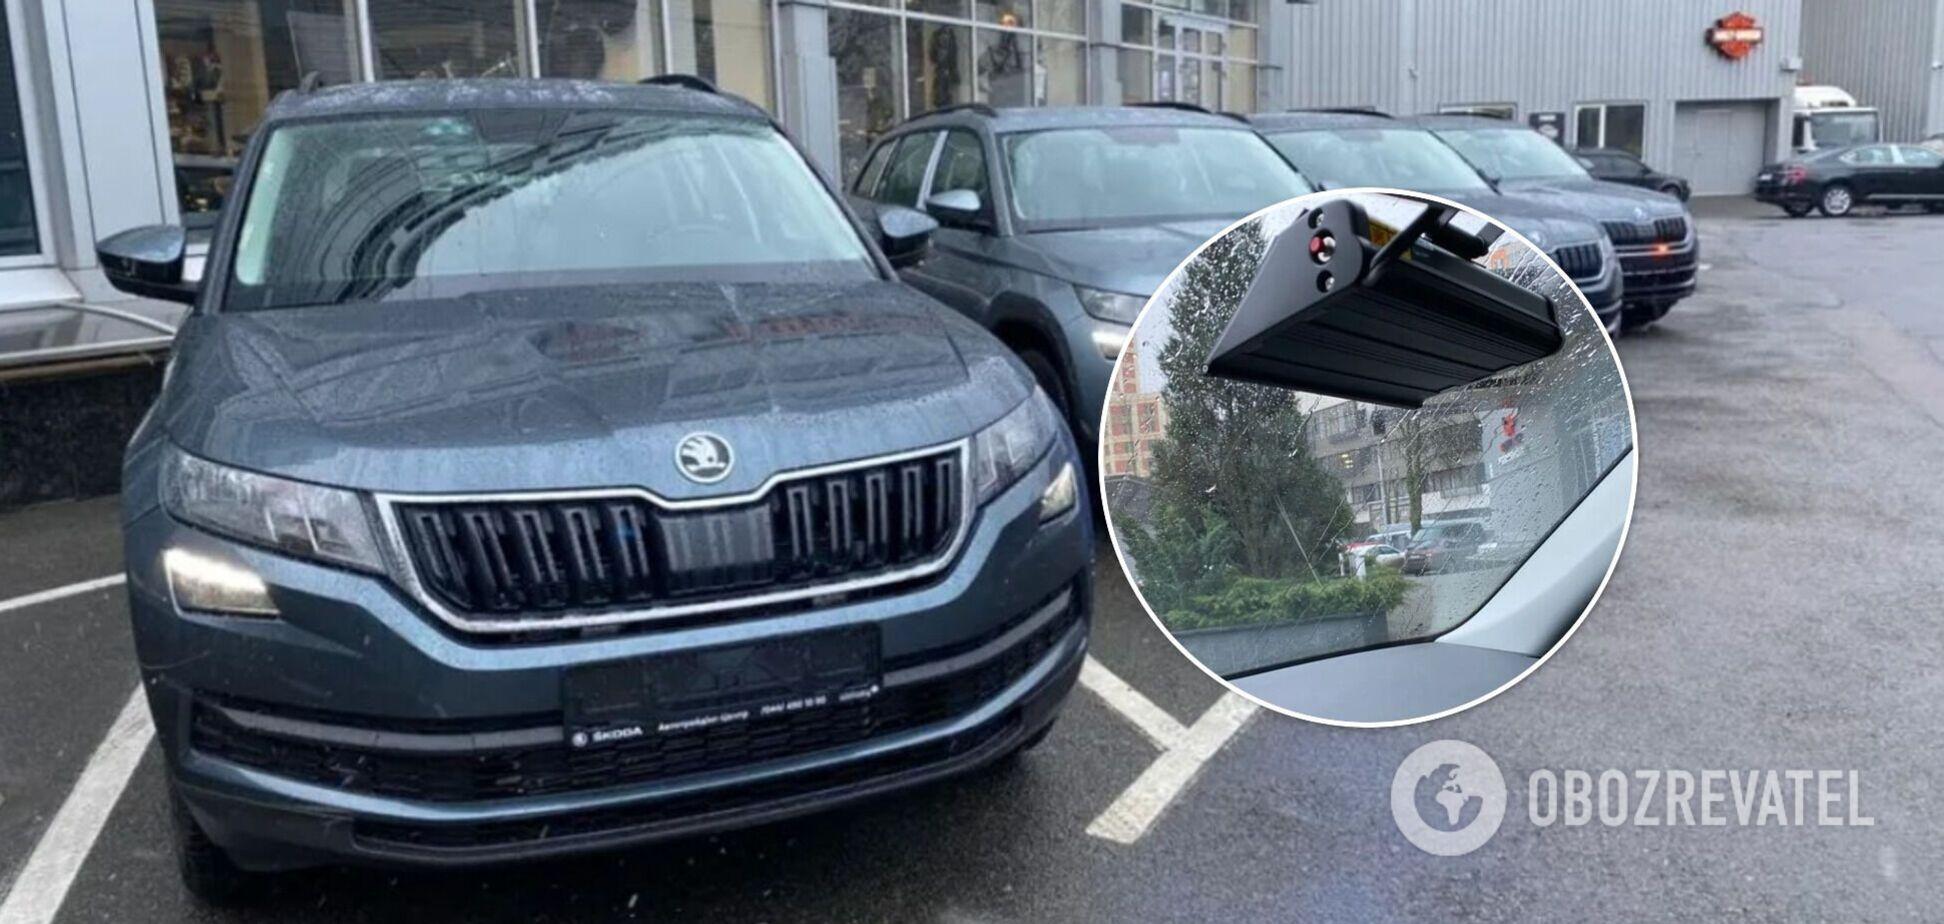 В МВД рассказали, как будут работать автомобили-фантомы для фиксации нарушения ПДД